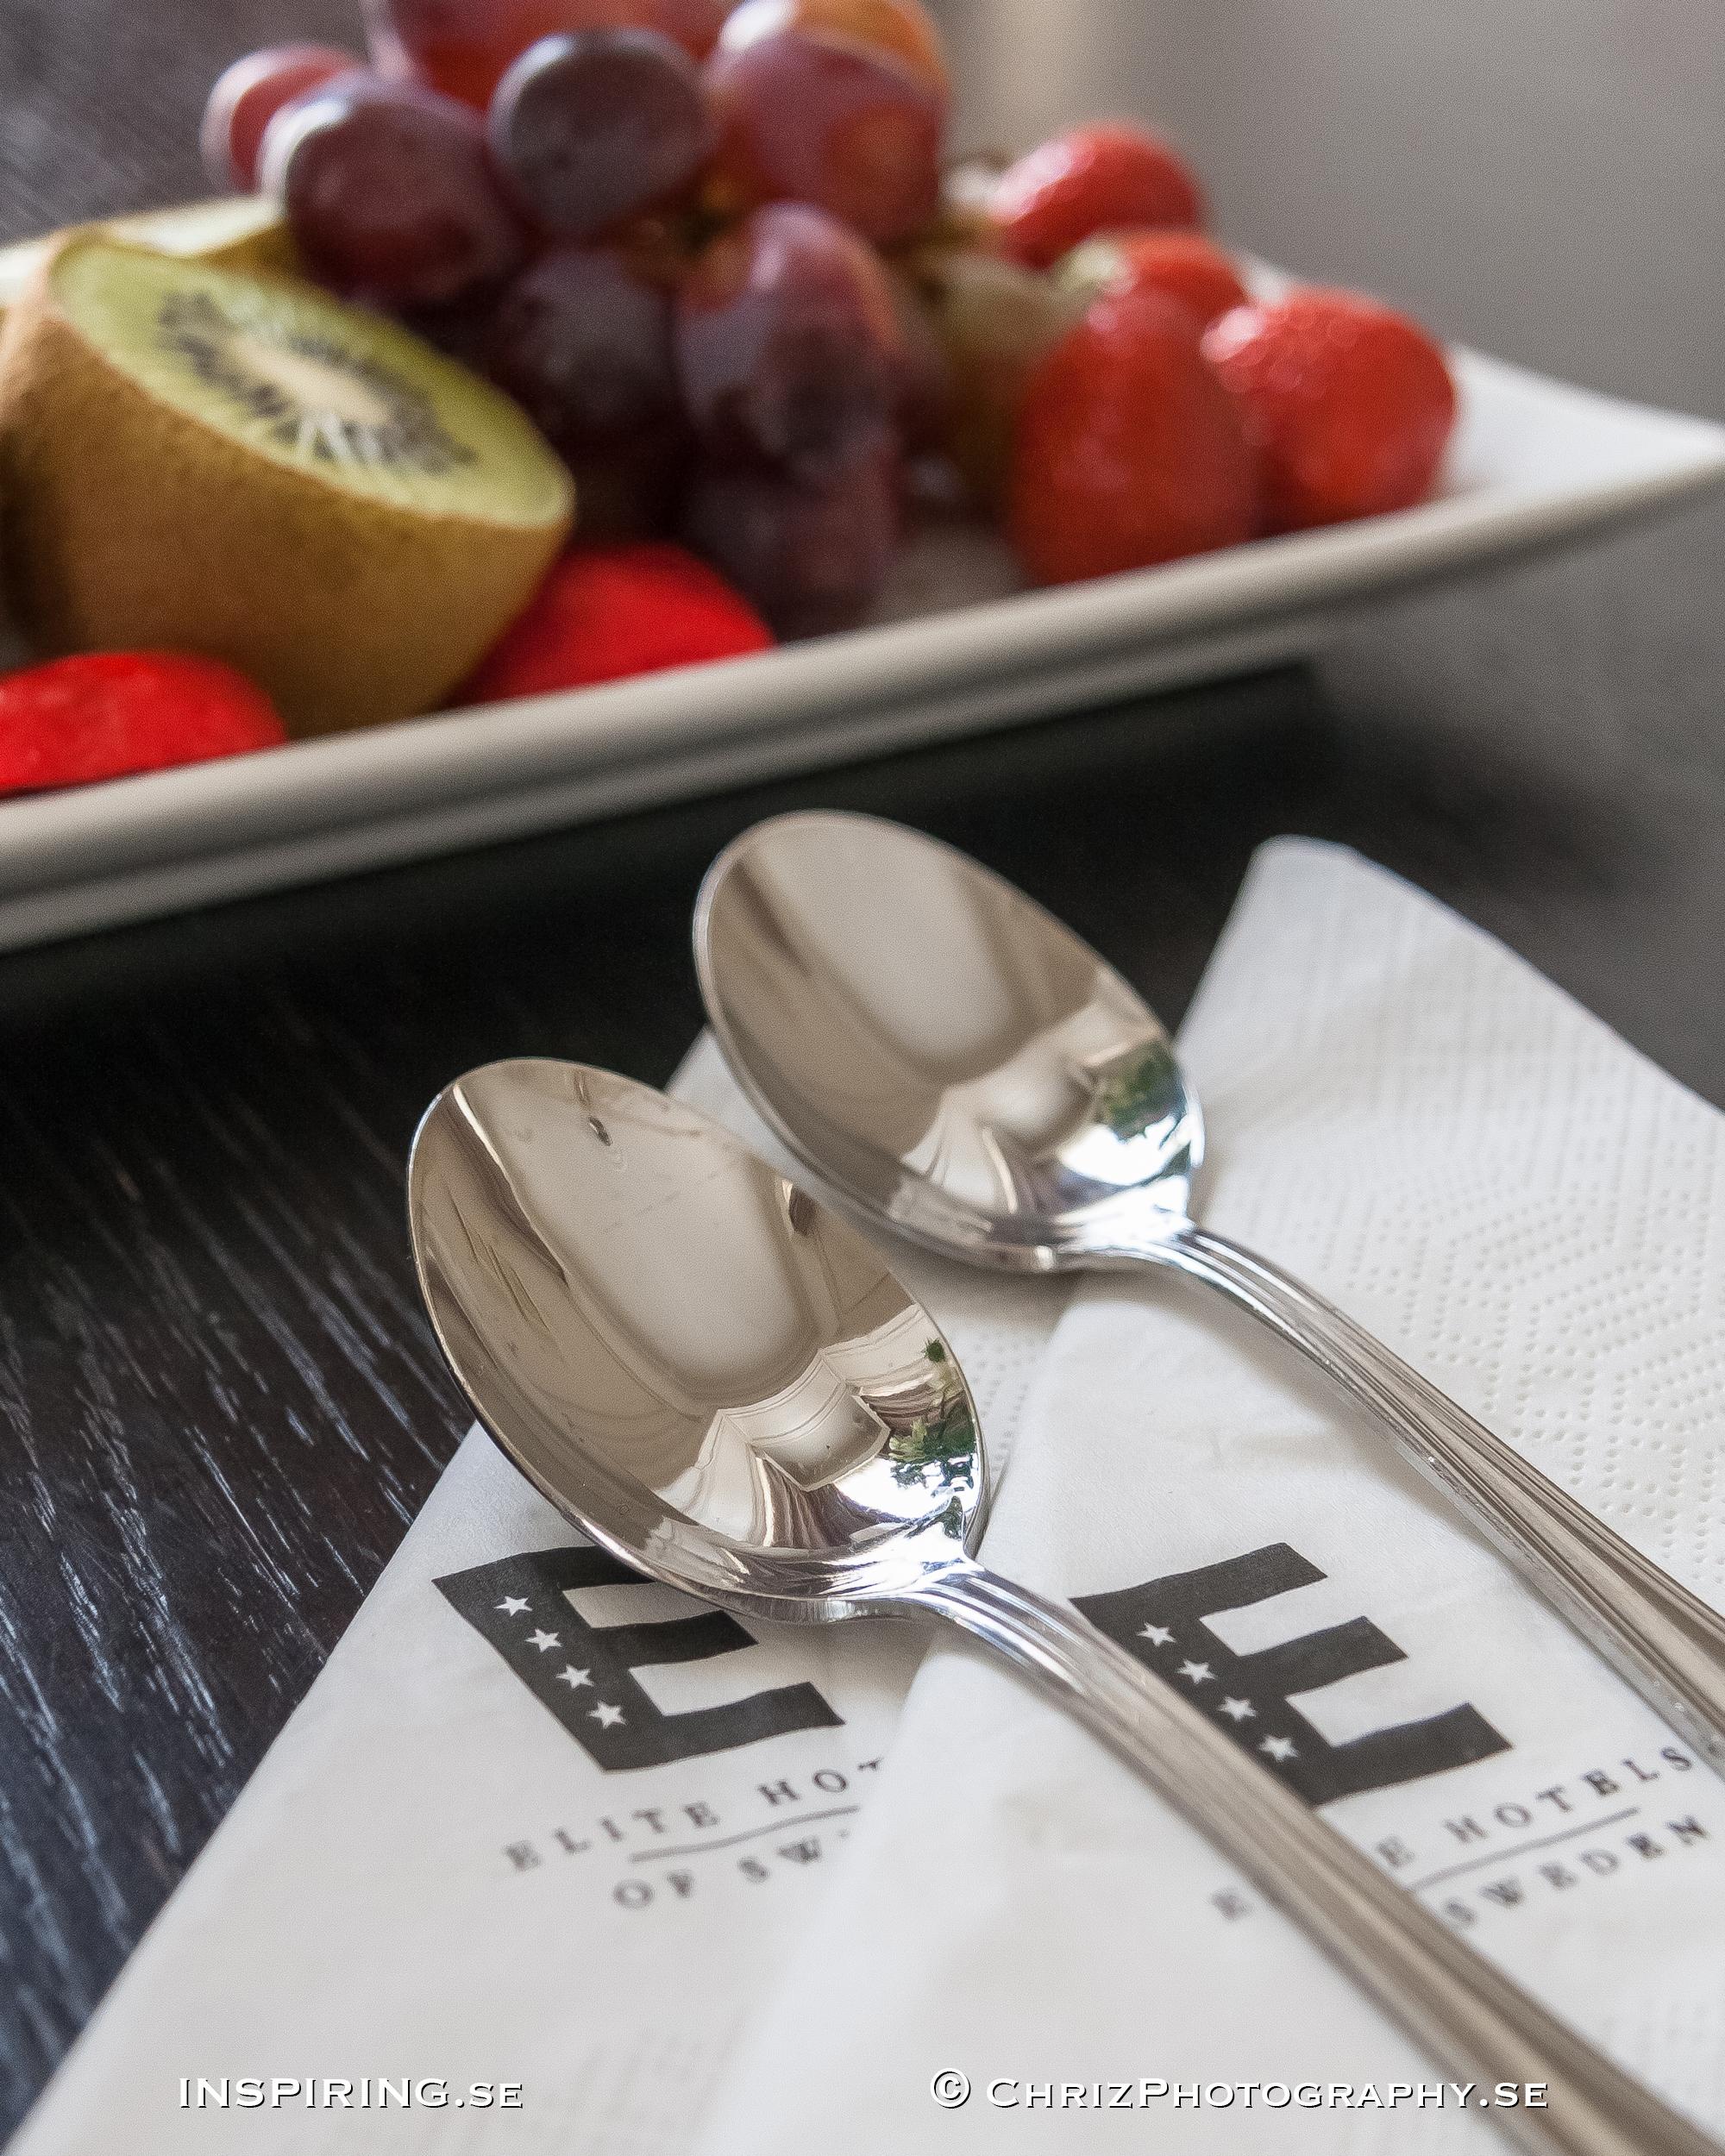 Elite_Hotel_Knaust_Inspiring.se_copyright_ChrizPhotography.se_19.jpg